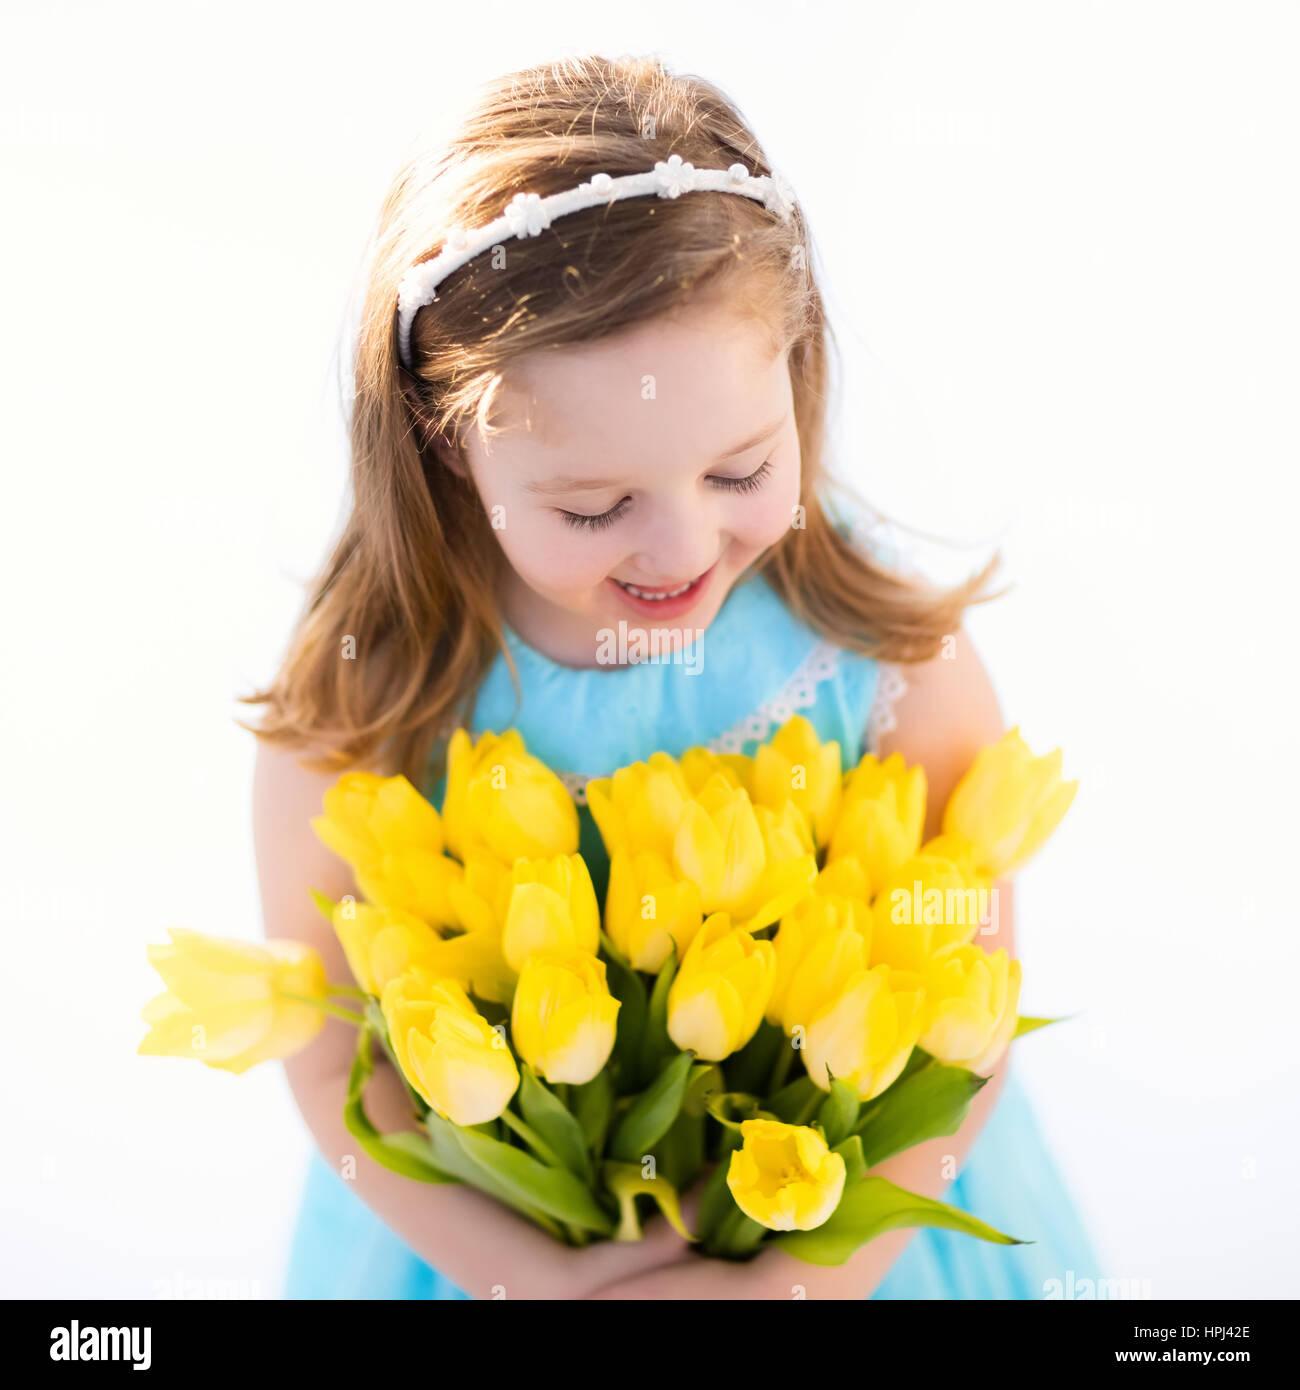 Niedliche kleine Mädchen im blauen Kleid Geburtstagsparty Tulpe ...